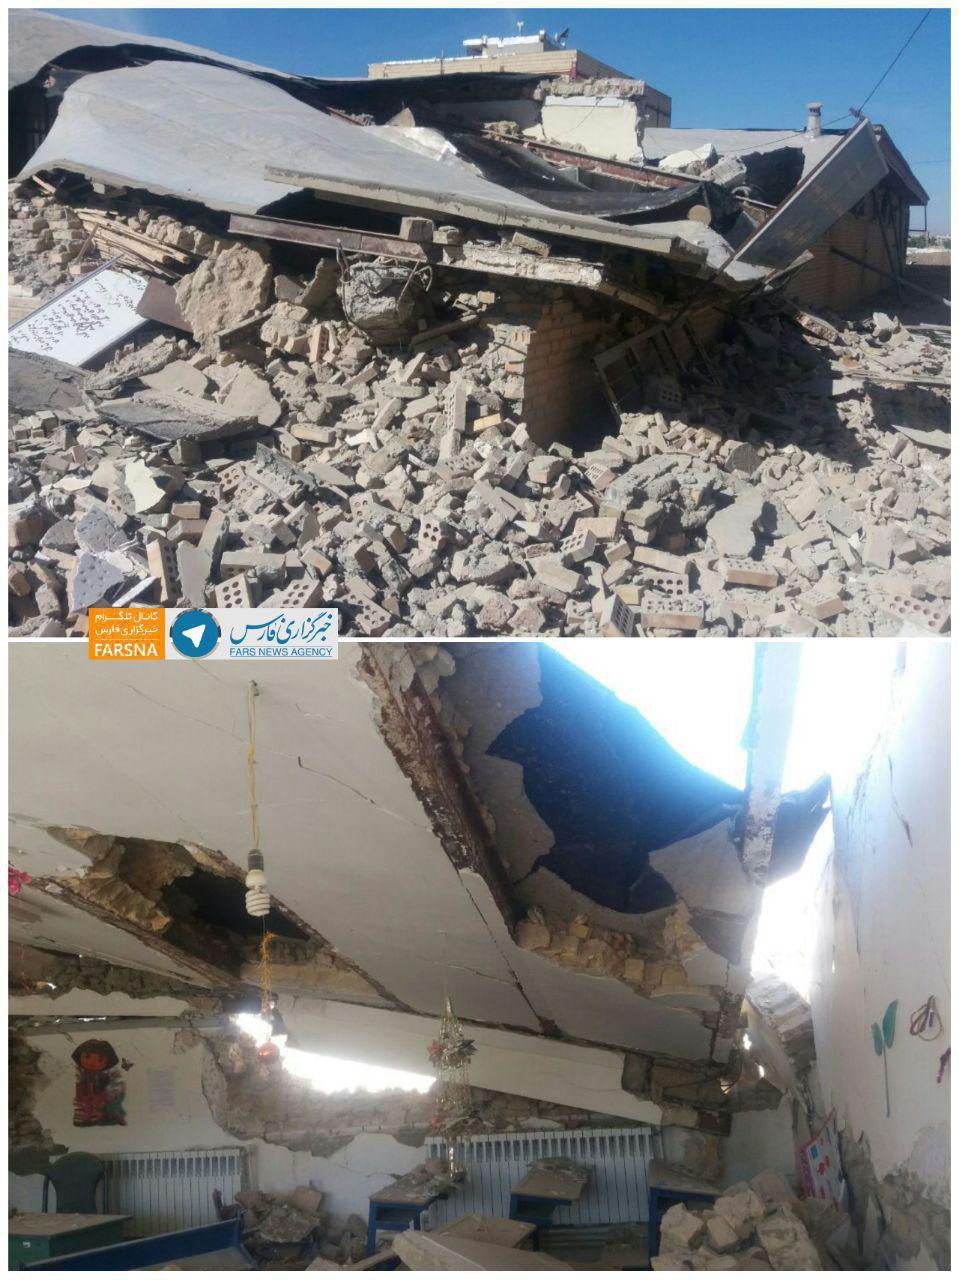 مدرسه تخریب شده در سرپل ذهاب (عکس)